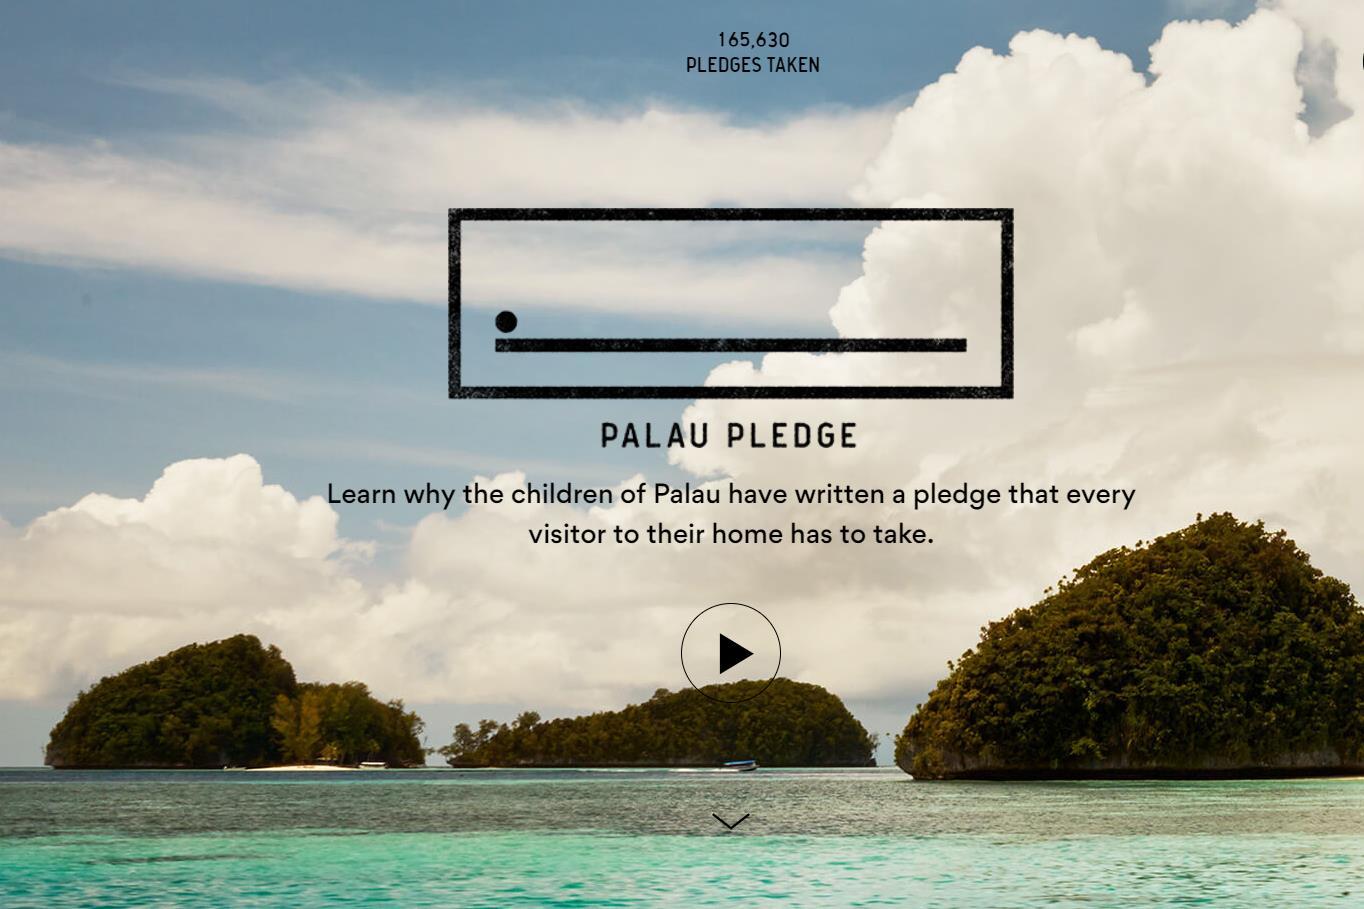 """潜水圣地帕劳游客数量达到国民总数的八倍!15万游客签署""""帕劳誓词""""保护当地环境"""